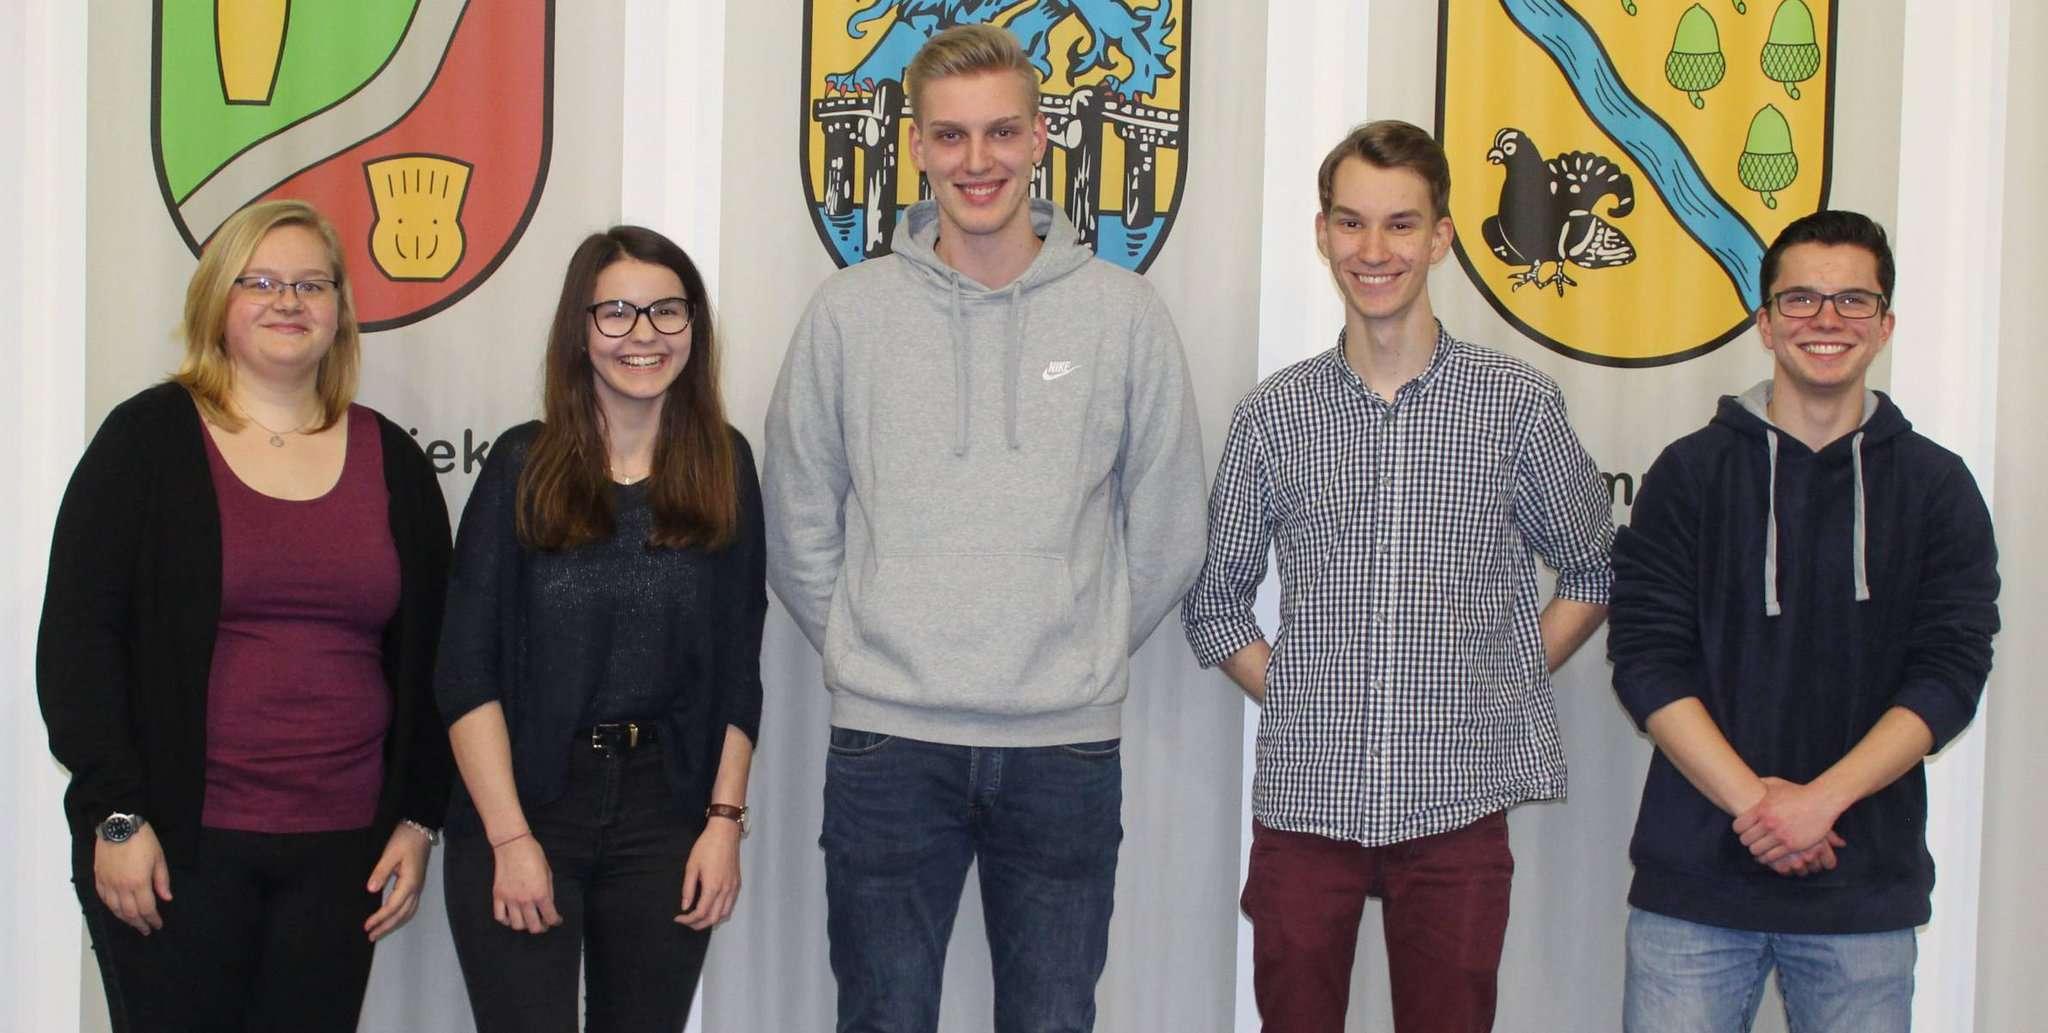 Sophie Bellmann (von links), Kathena Behrens, Ben Renken, Tobias Steinke und Jörg Leskien sehen den BFD als eine wertvolle Erfahrung. Foto: Ann-Christin Beims